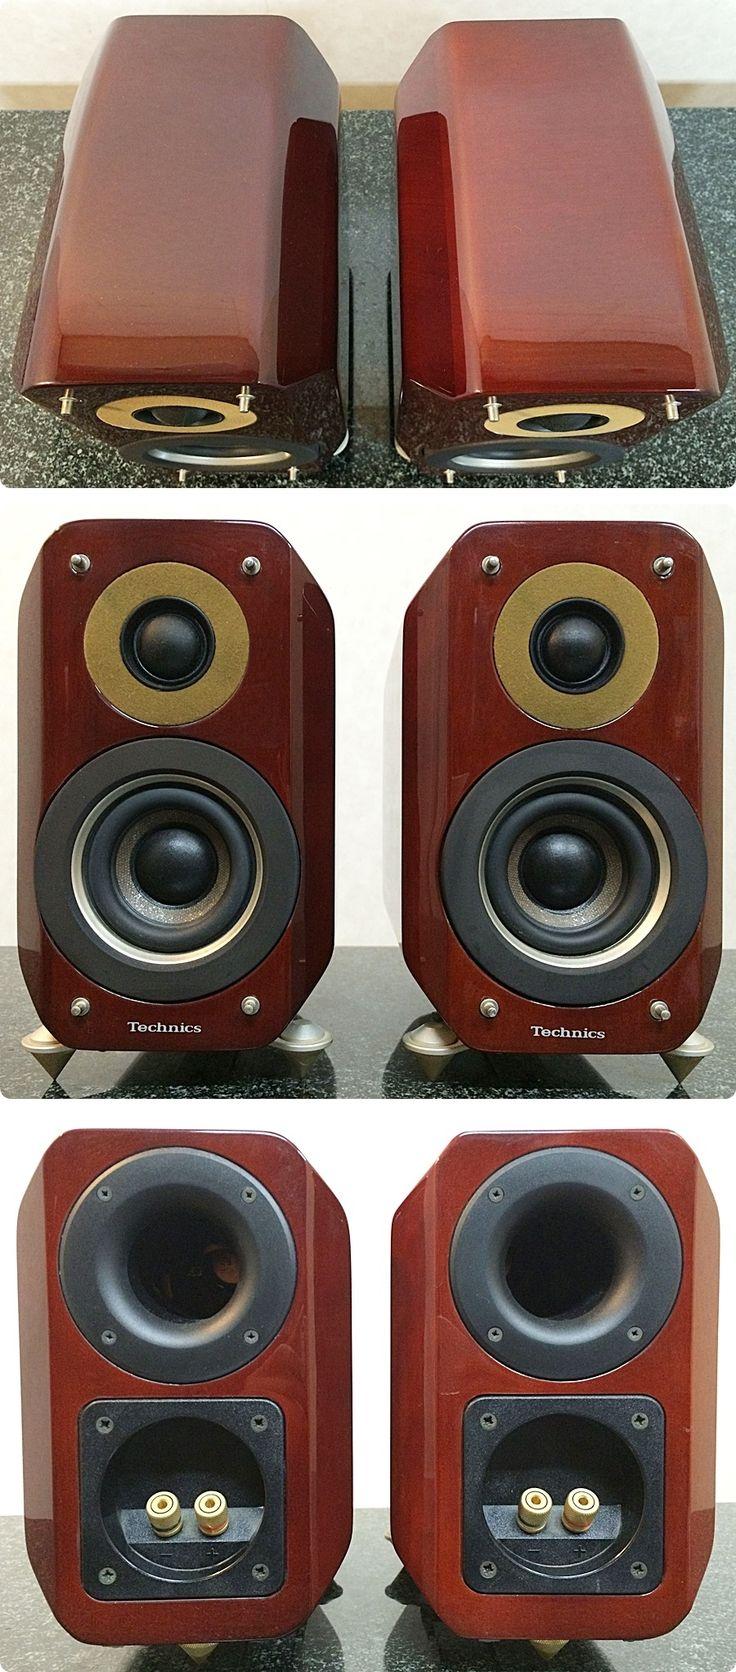 Vintage Audio Technics SB-M01 Speakers 1998.